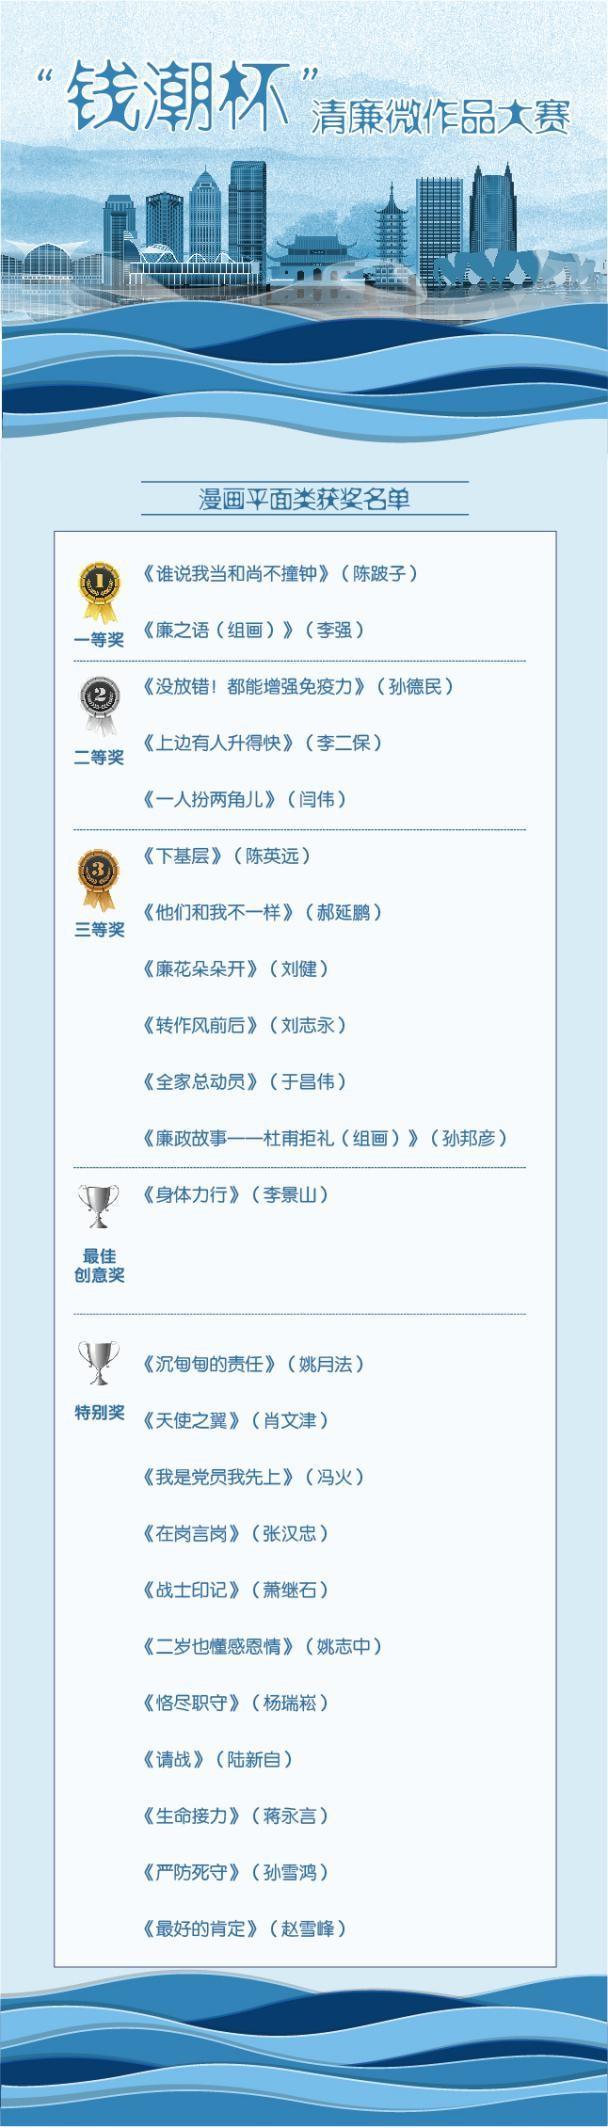 微作品漫画类3.jpg